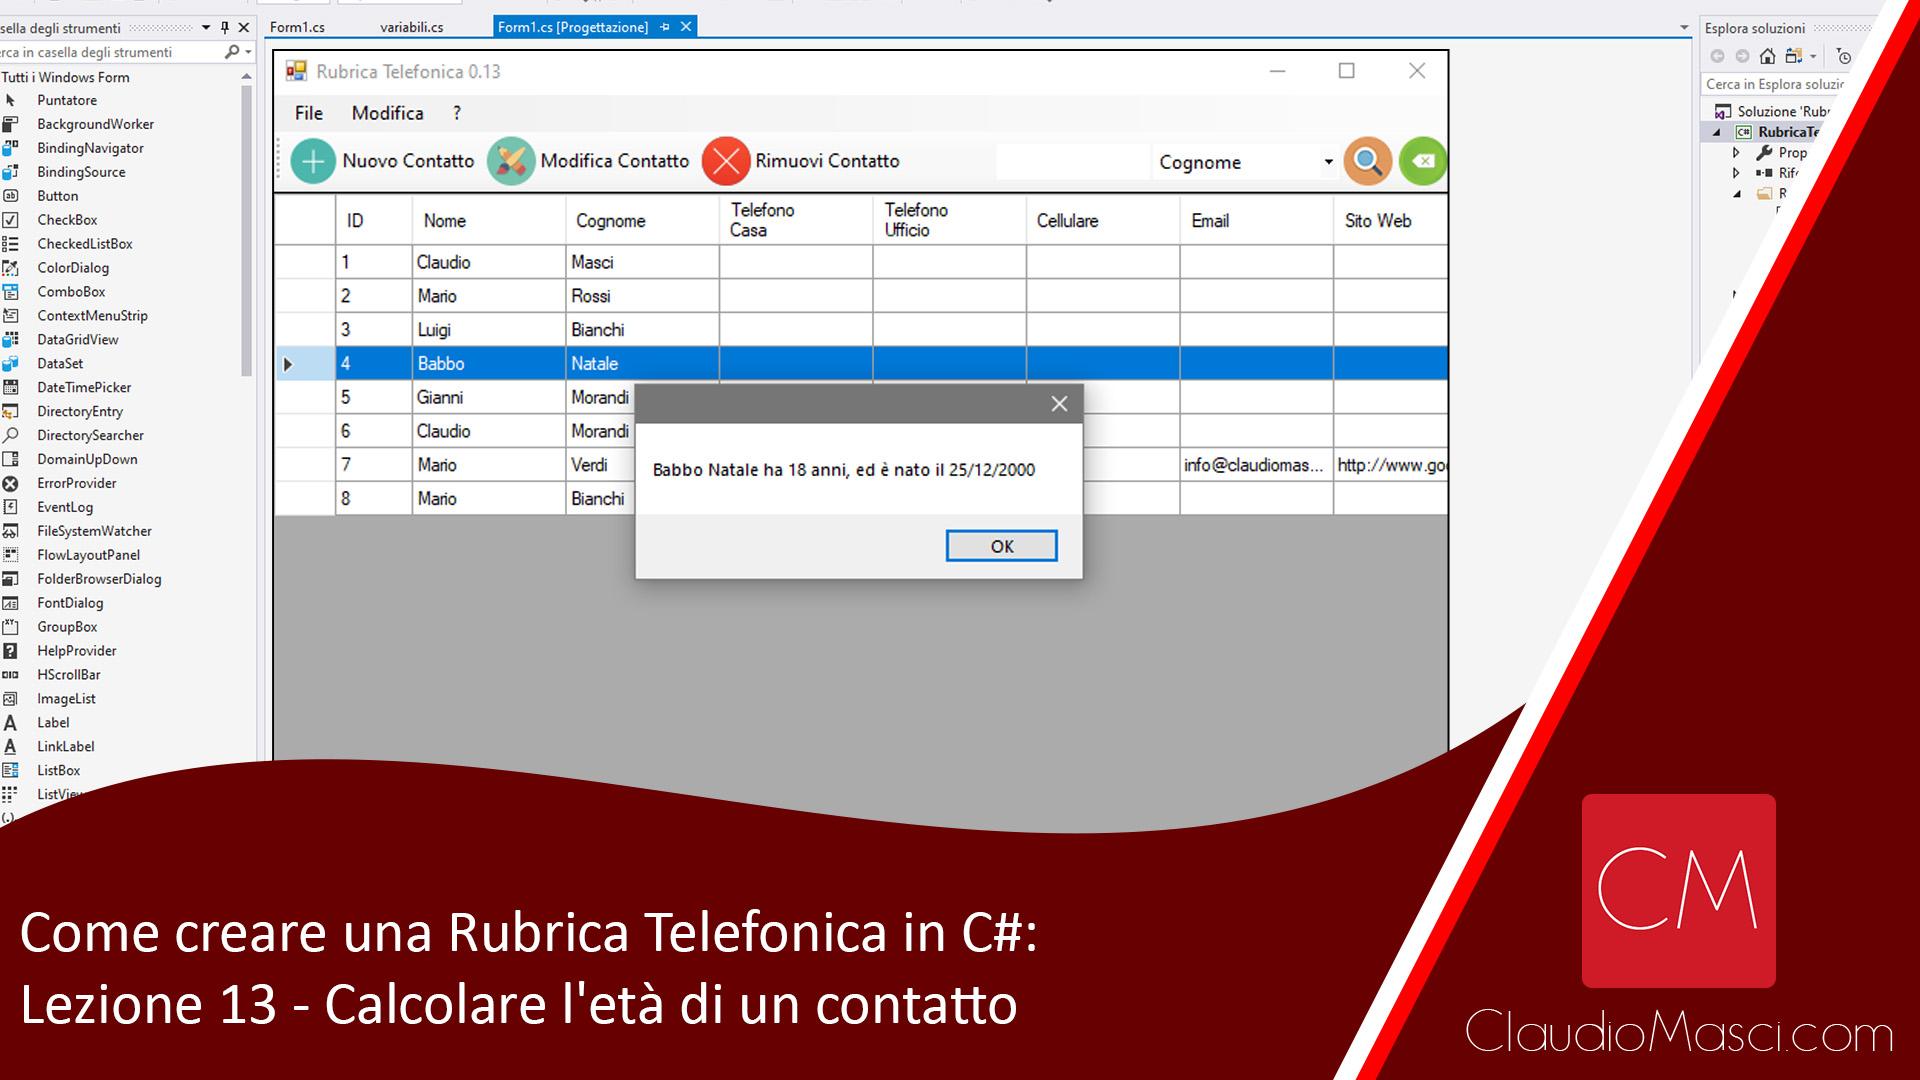 Come creare una Rubrica Telefonica in C# – Lezione 13: Calcolare l'età di un contatto